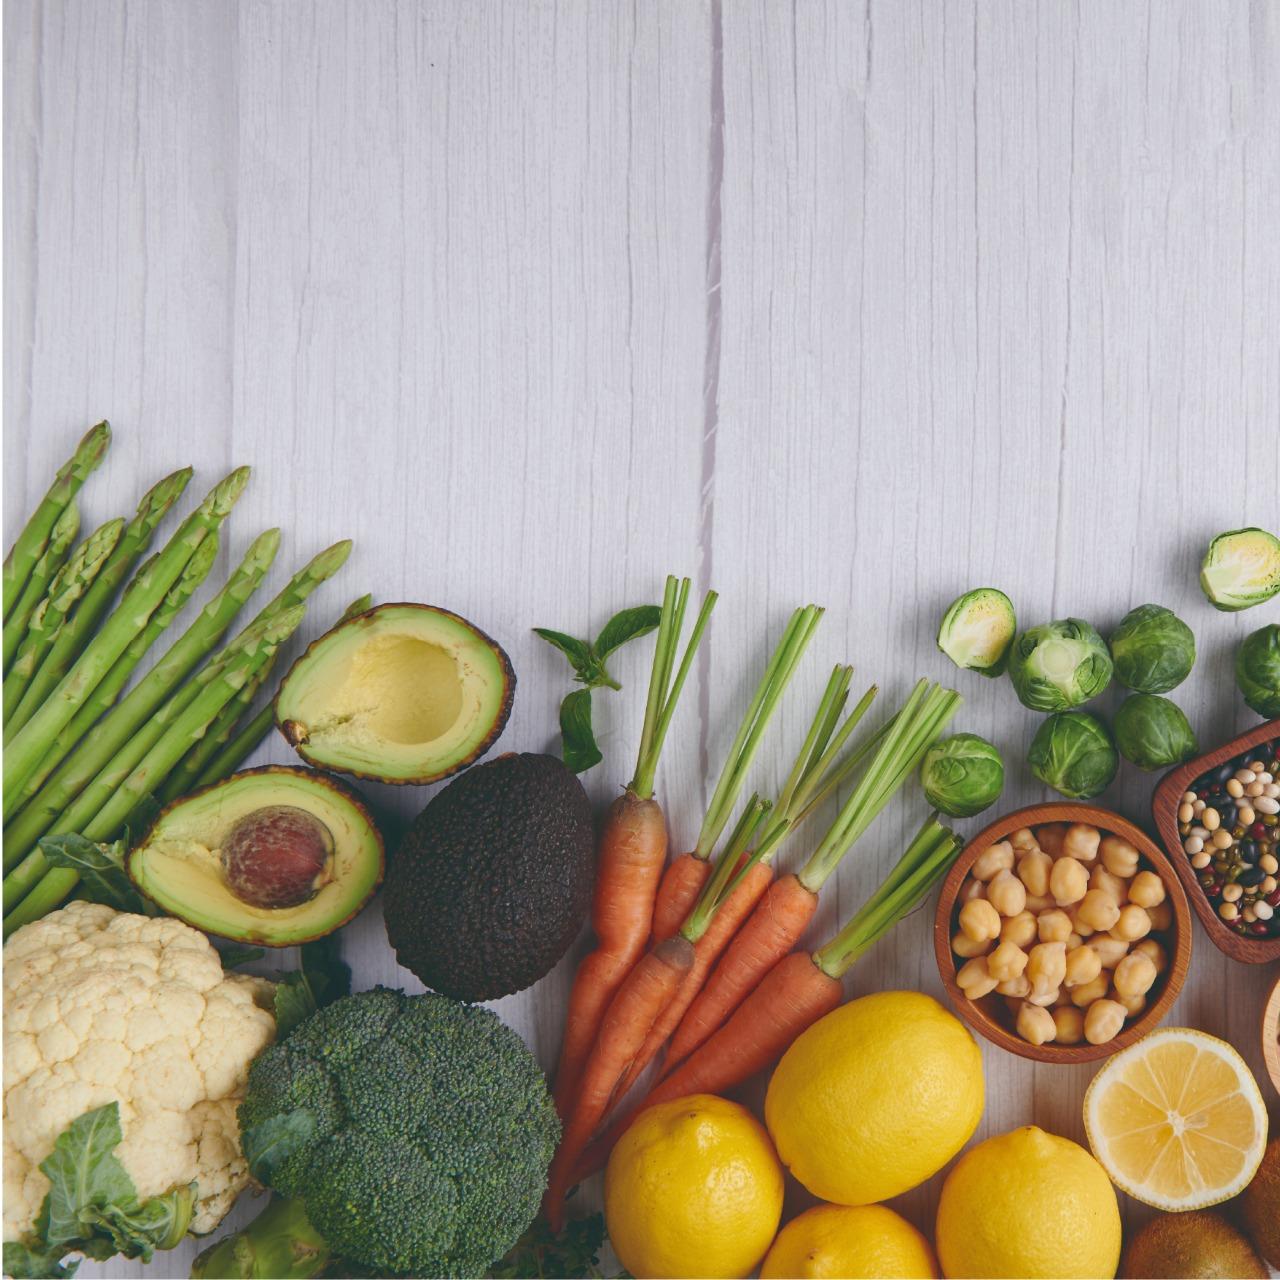 Los alimentos deben estar libres de agentes dañinos para la salud